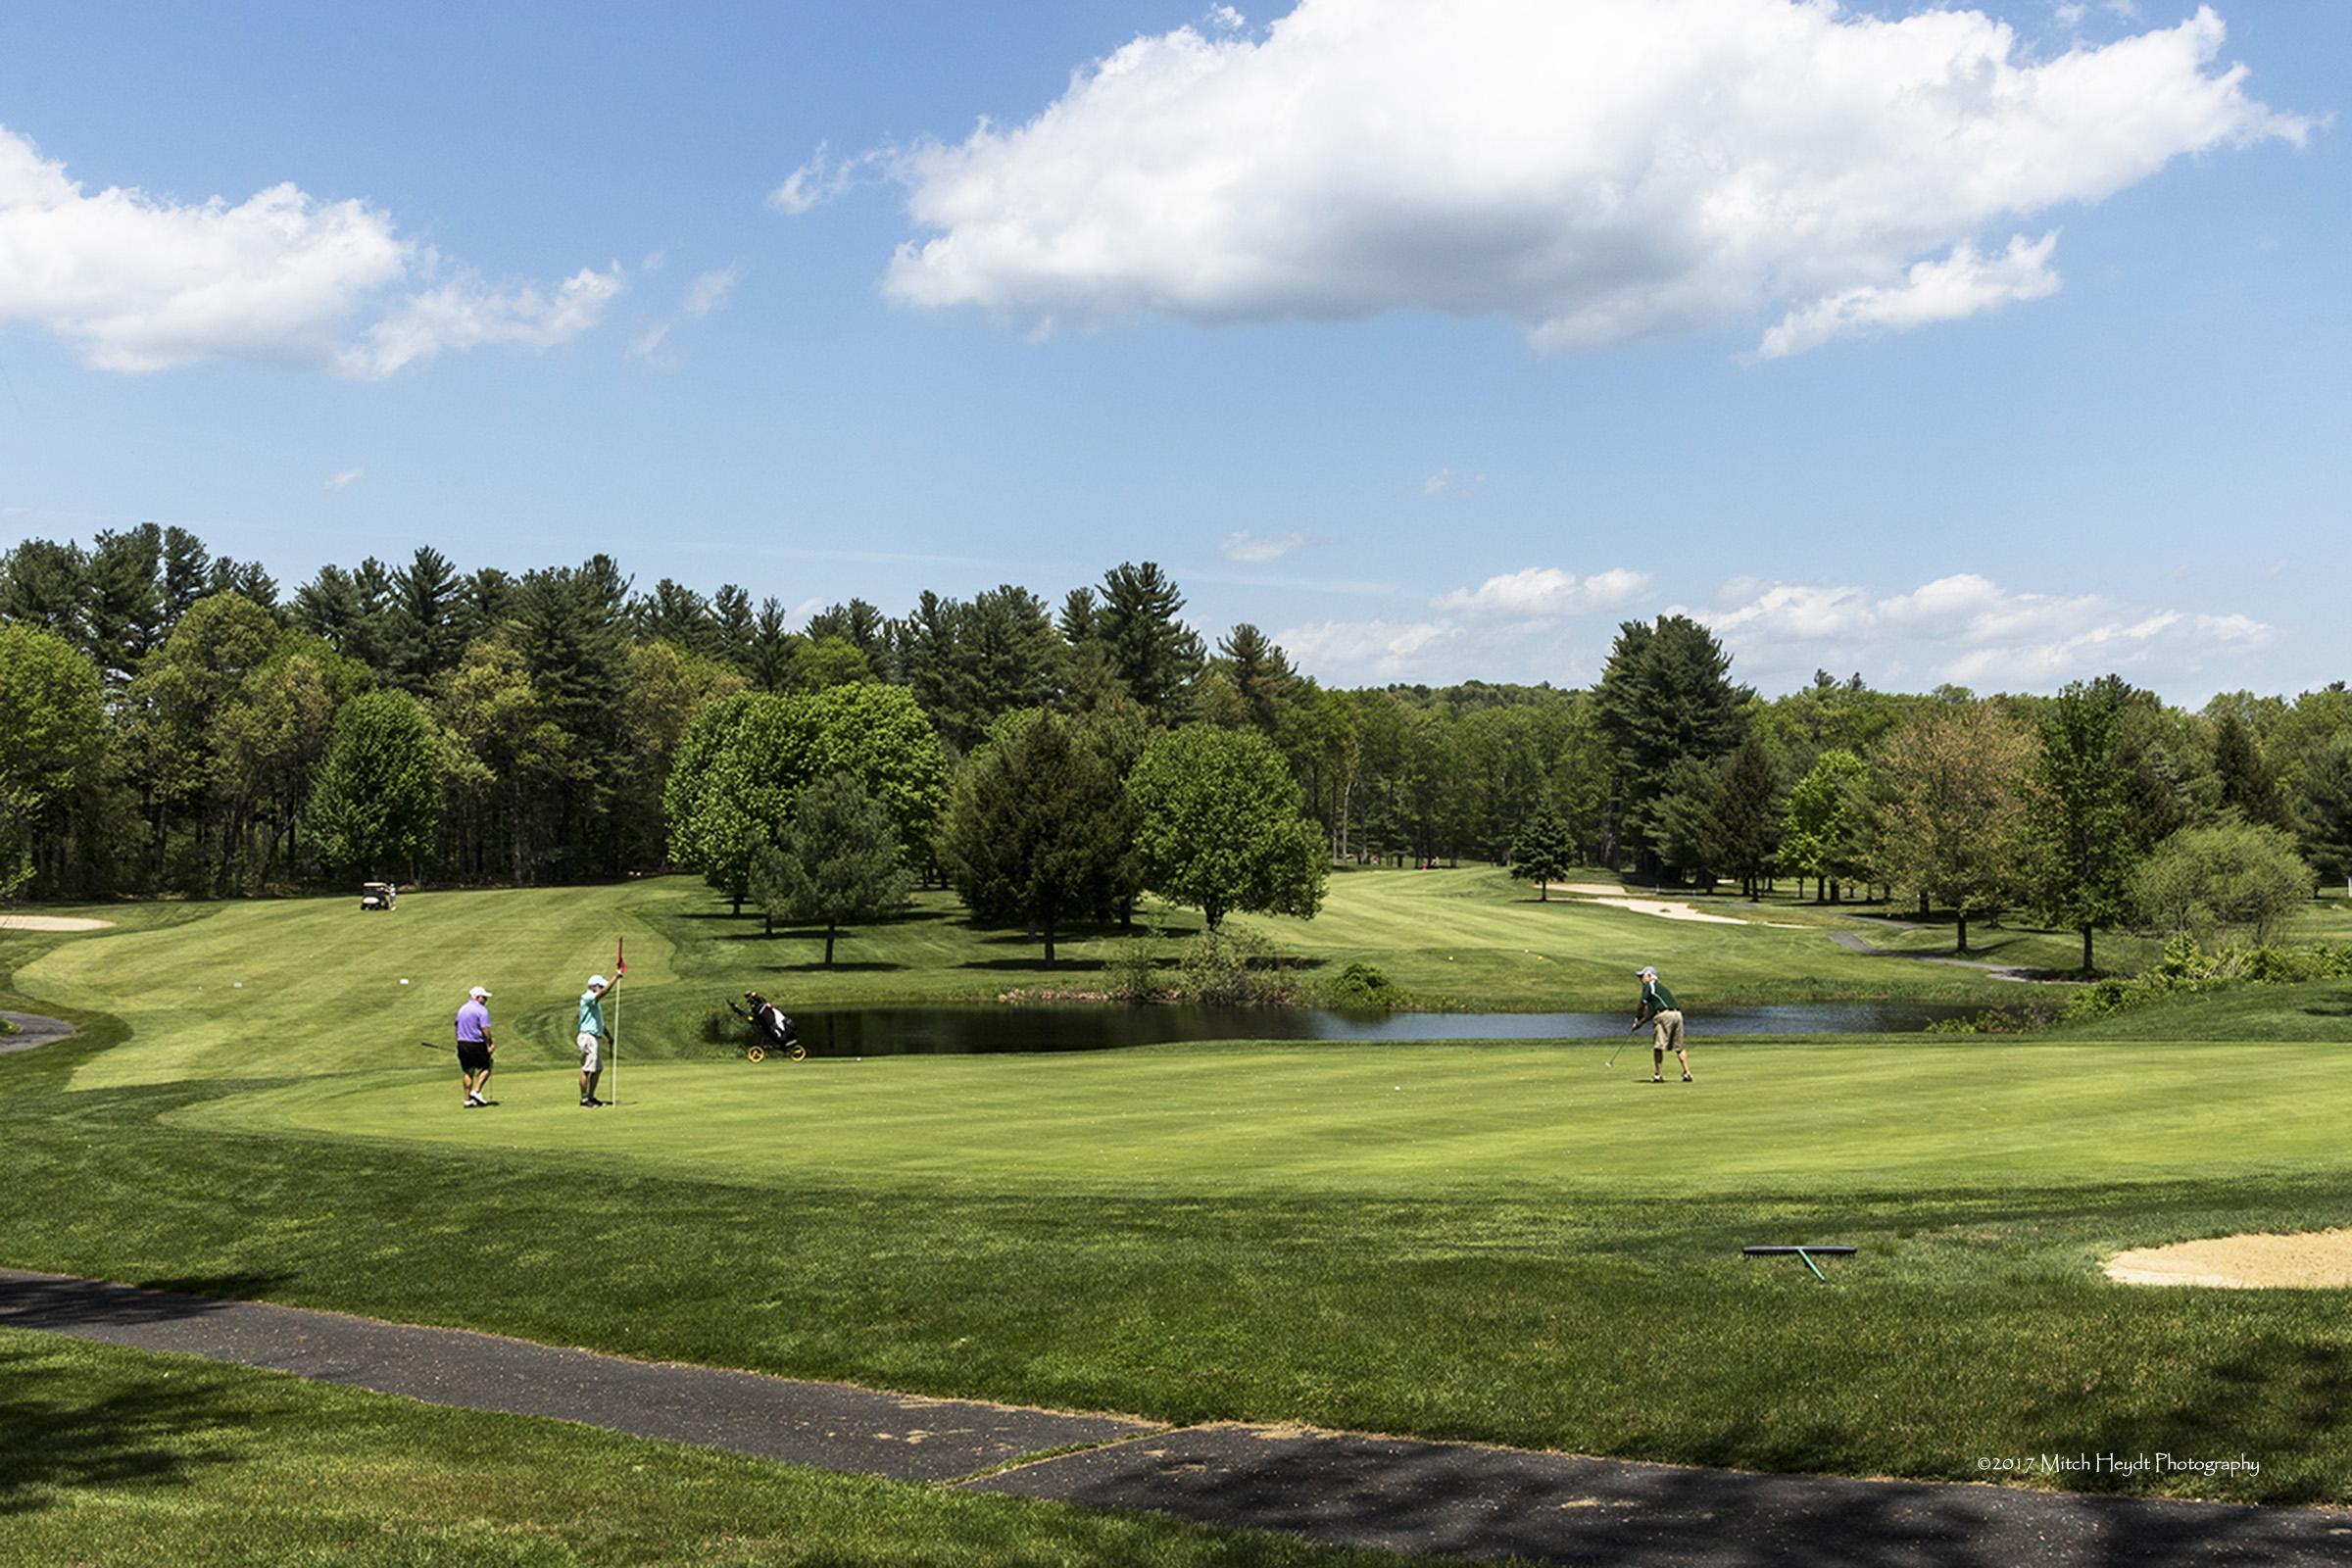 Butternut golf course